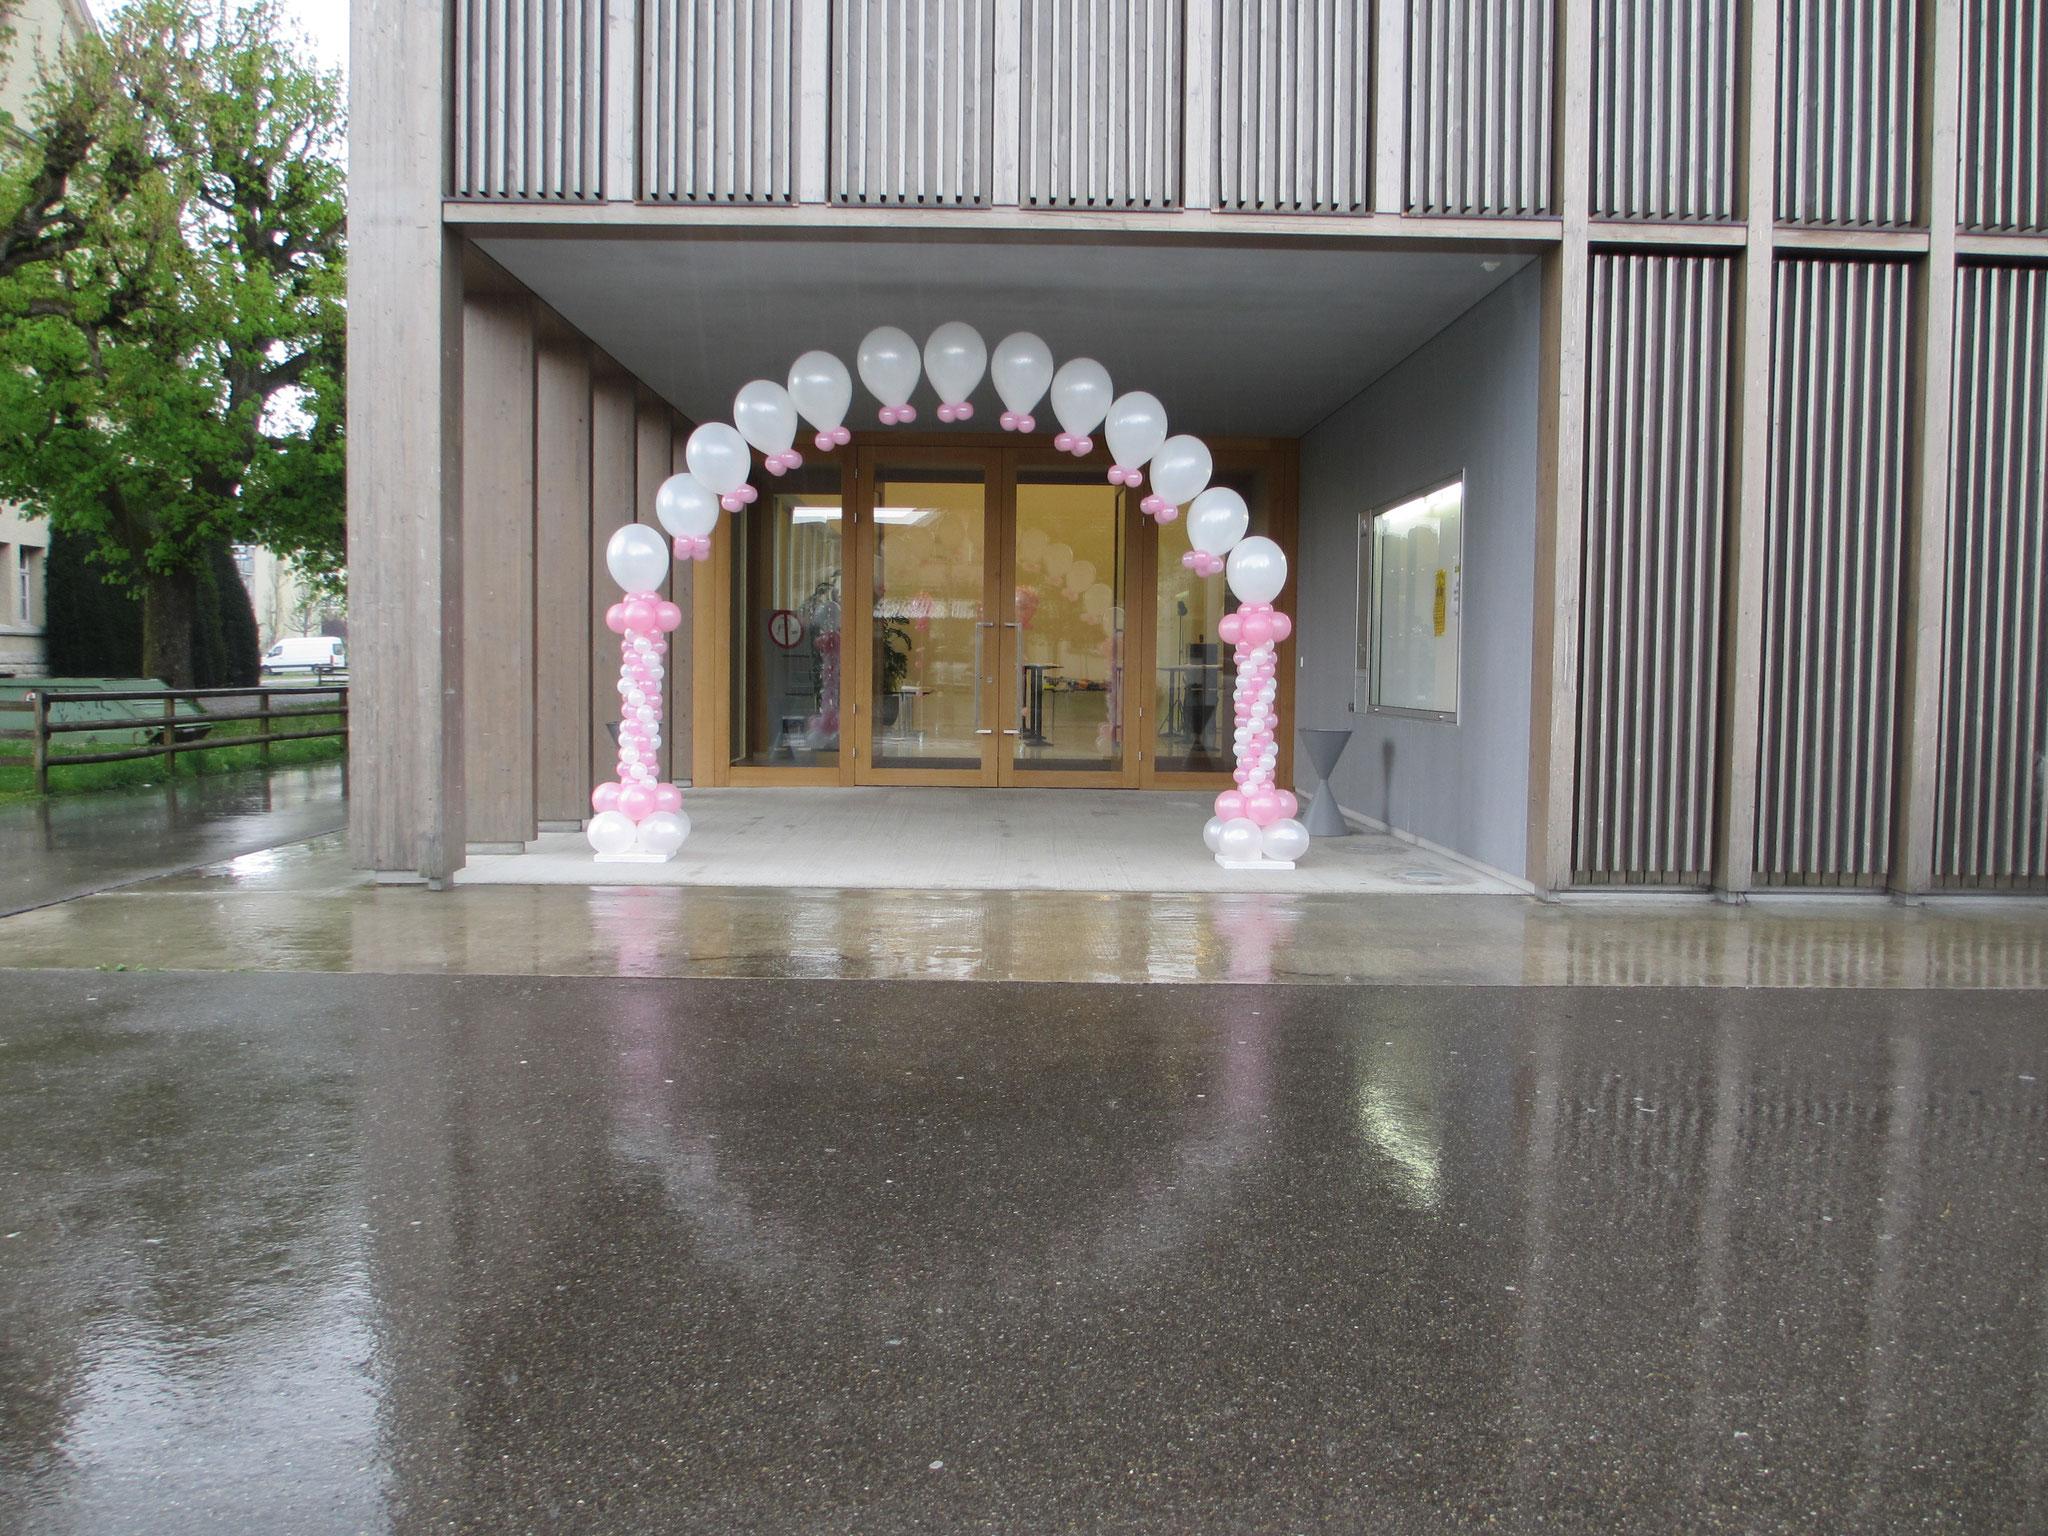 Eingang zum Festsaal